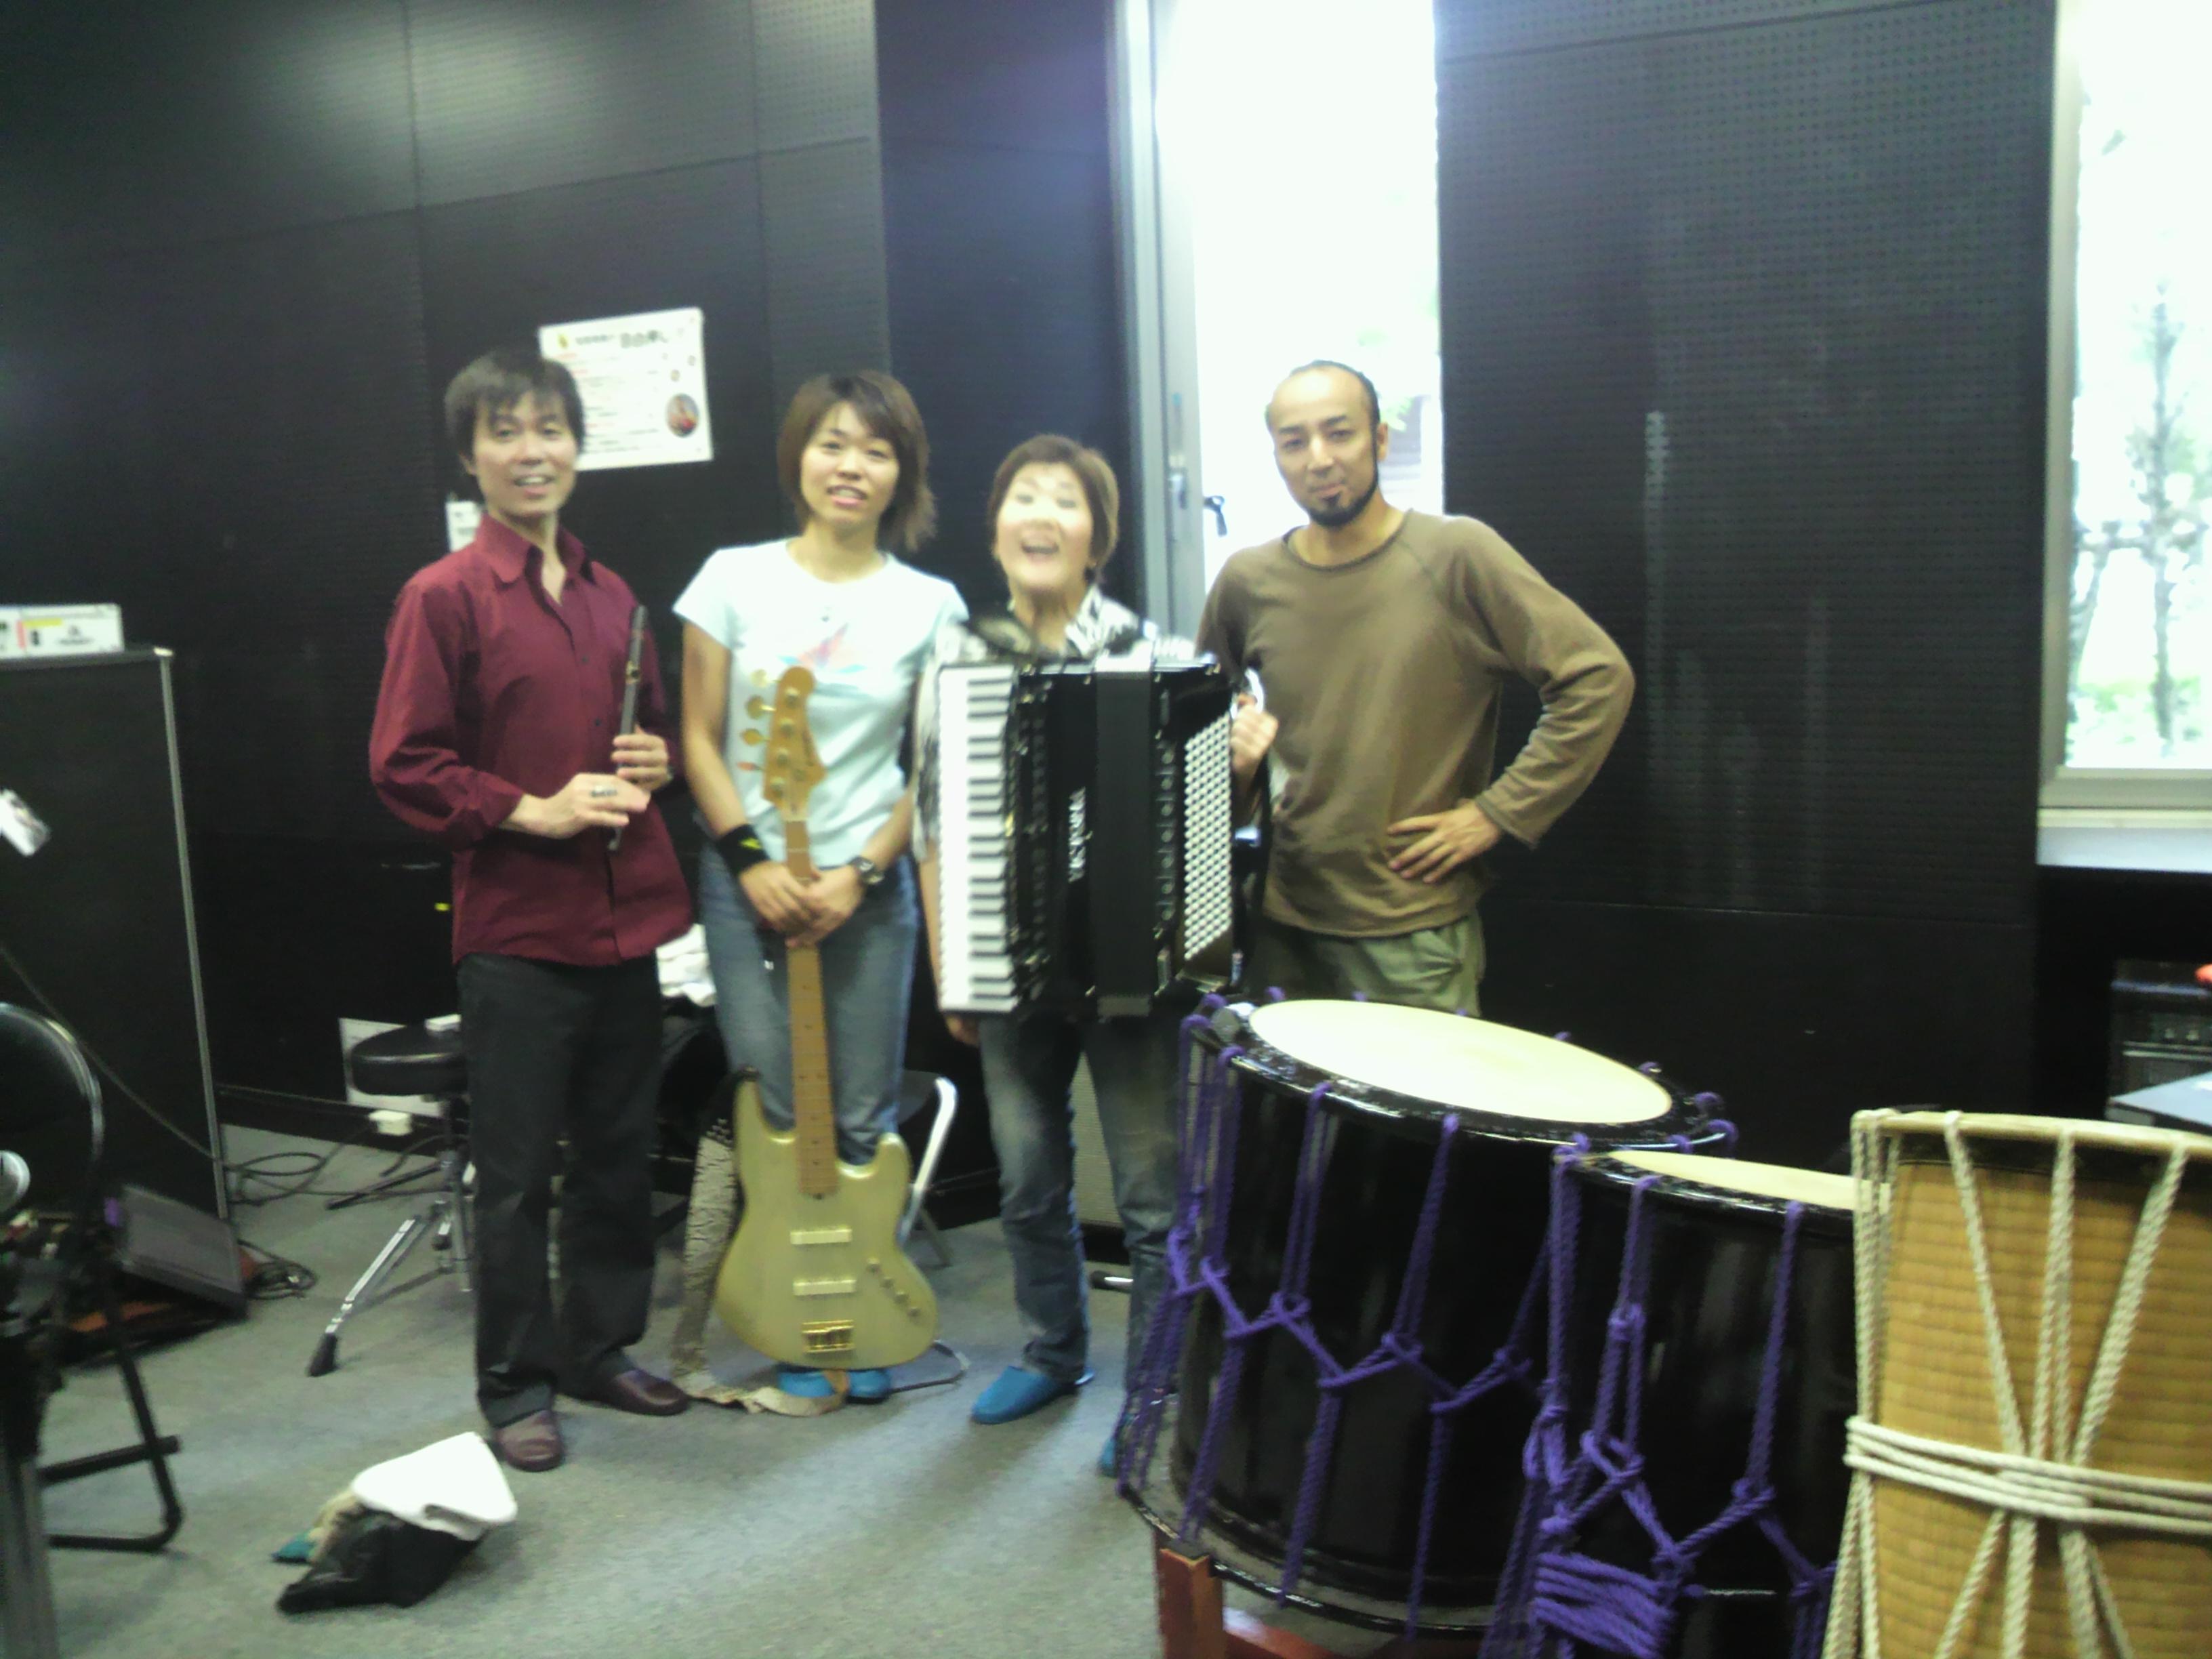 出口煌玲・廣田昌世・後藤ミホコ・夕田敏博の写真